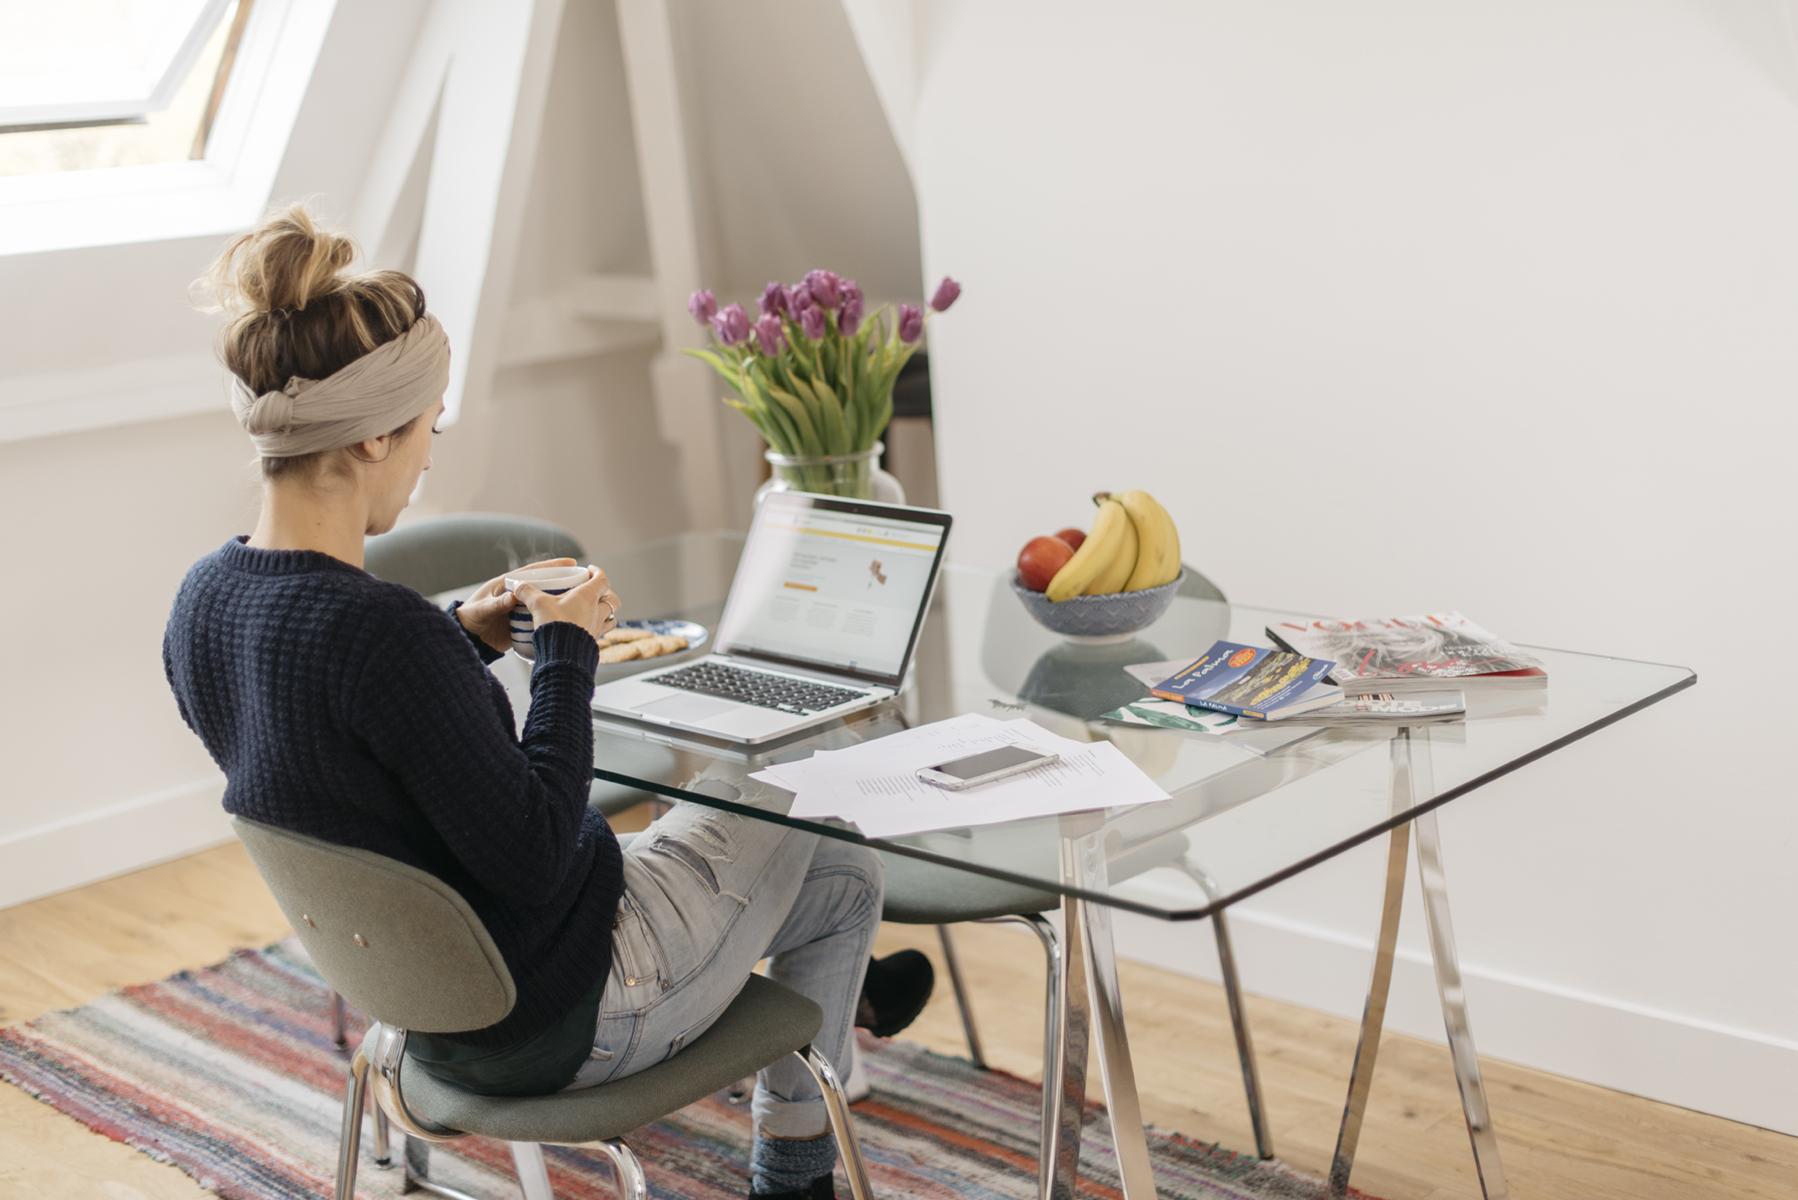 Kopen op afbetaling en online shoppen populair